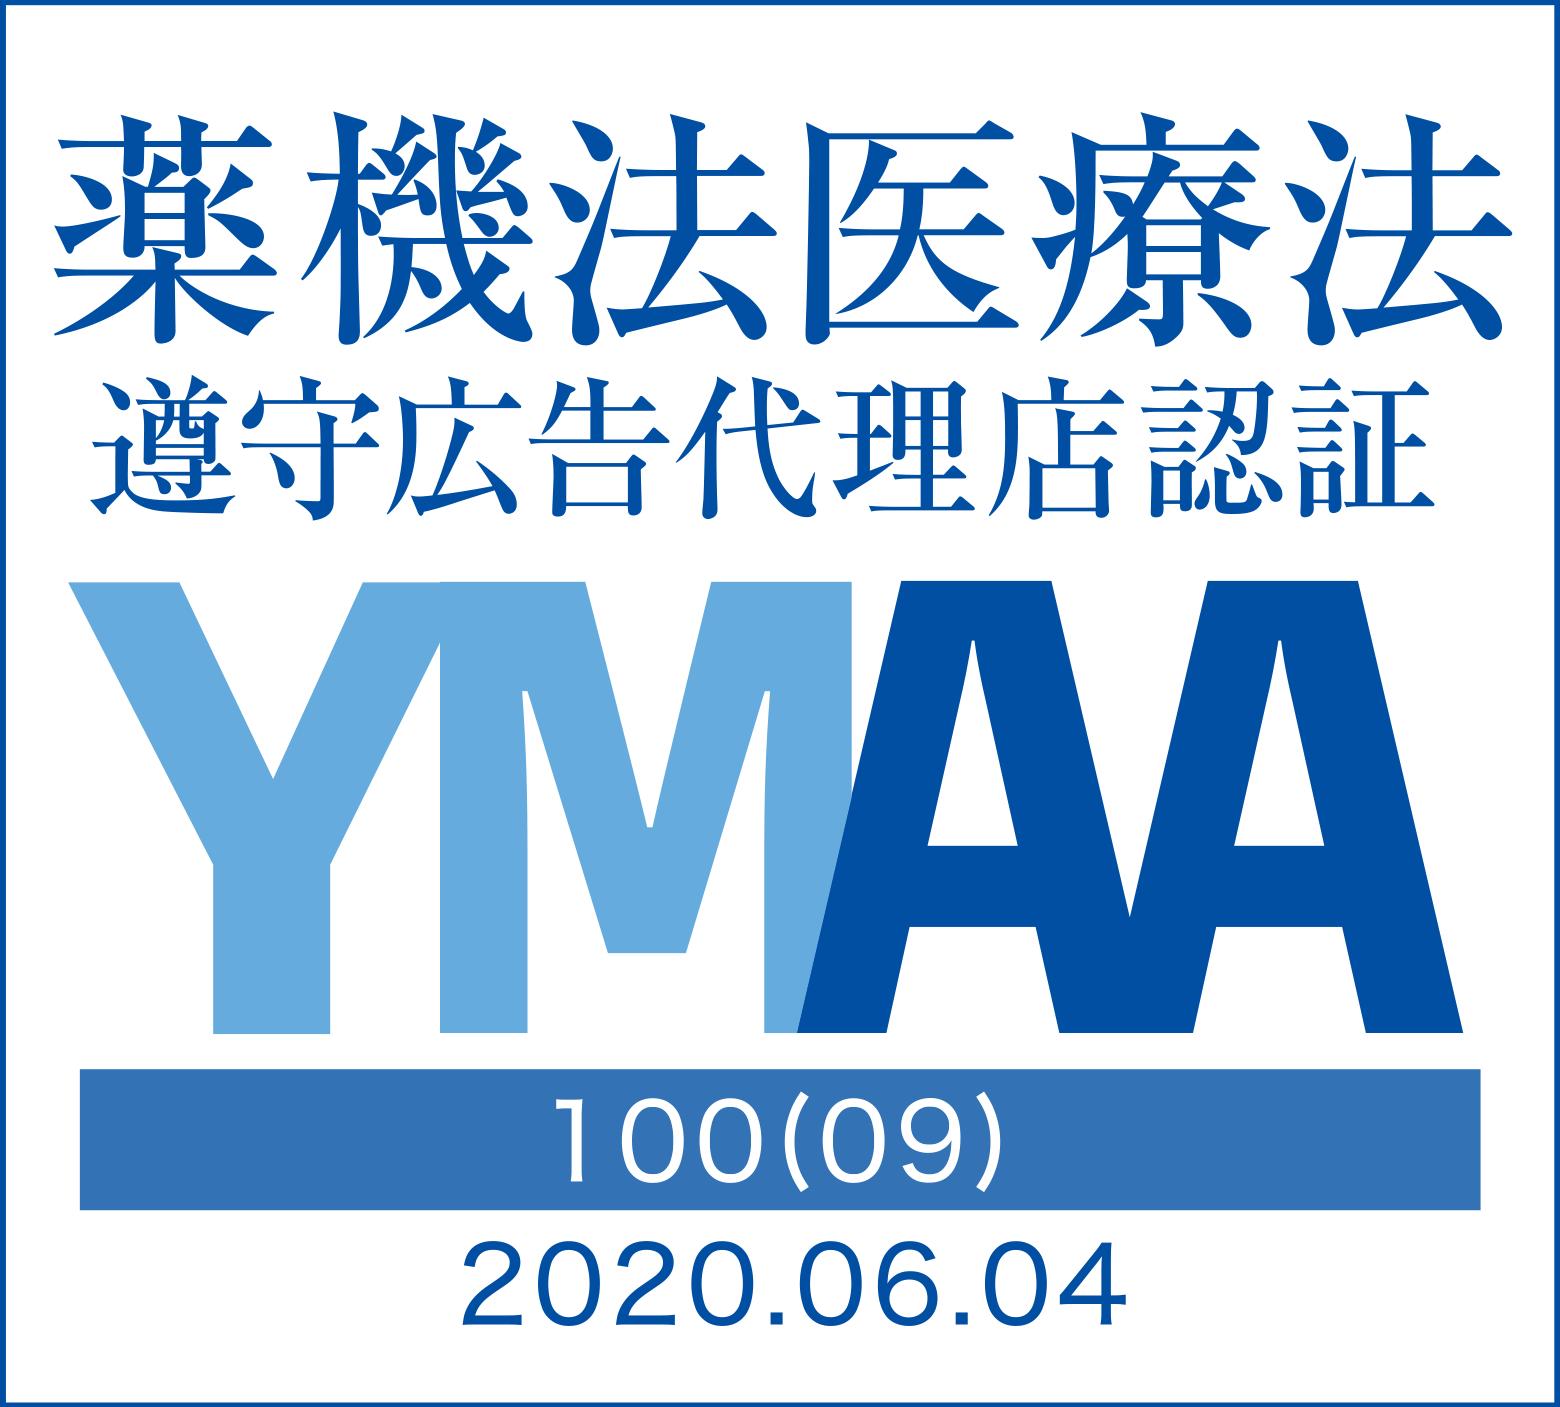 logo-100(09)ymaa2020